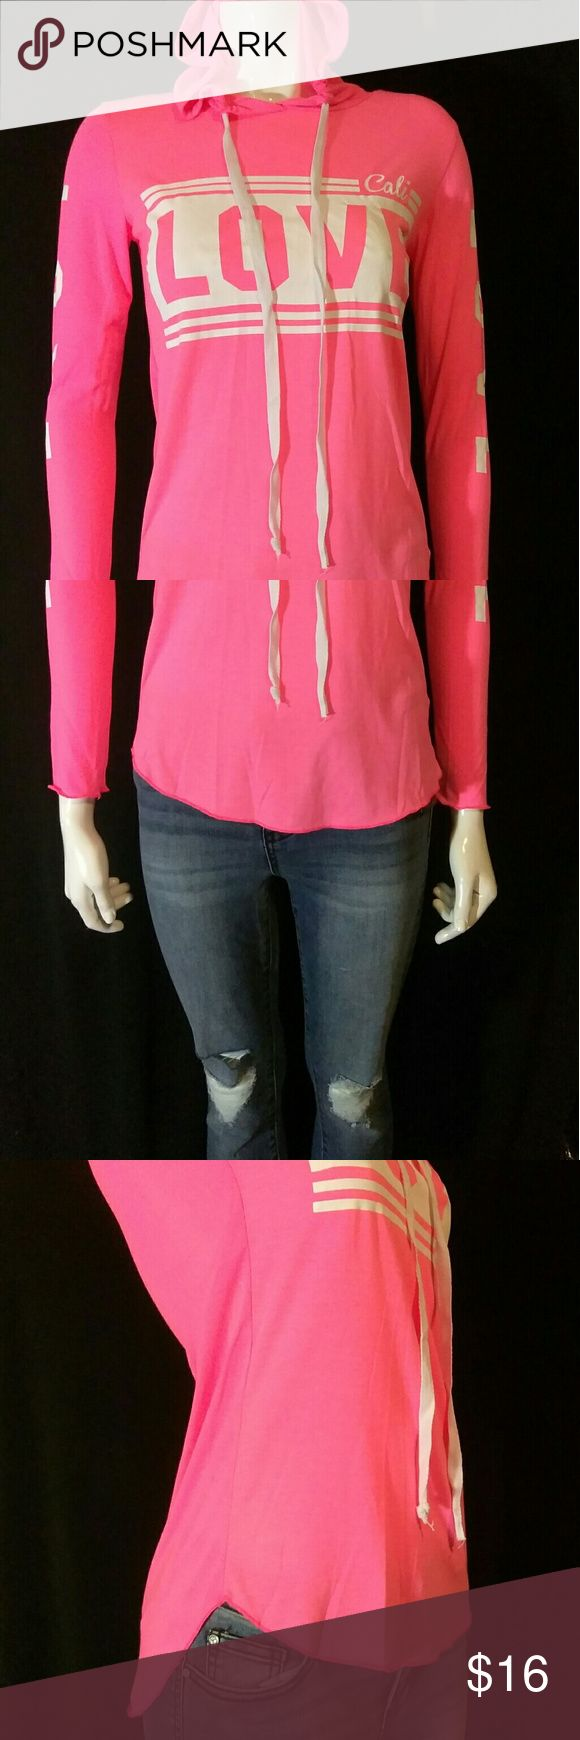 Free kisses thin hoodie, size S,M,L,XL available Free kisses thin hoodie Free kisses Tops Sweatshirts & Hoodies